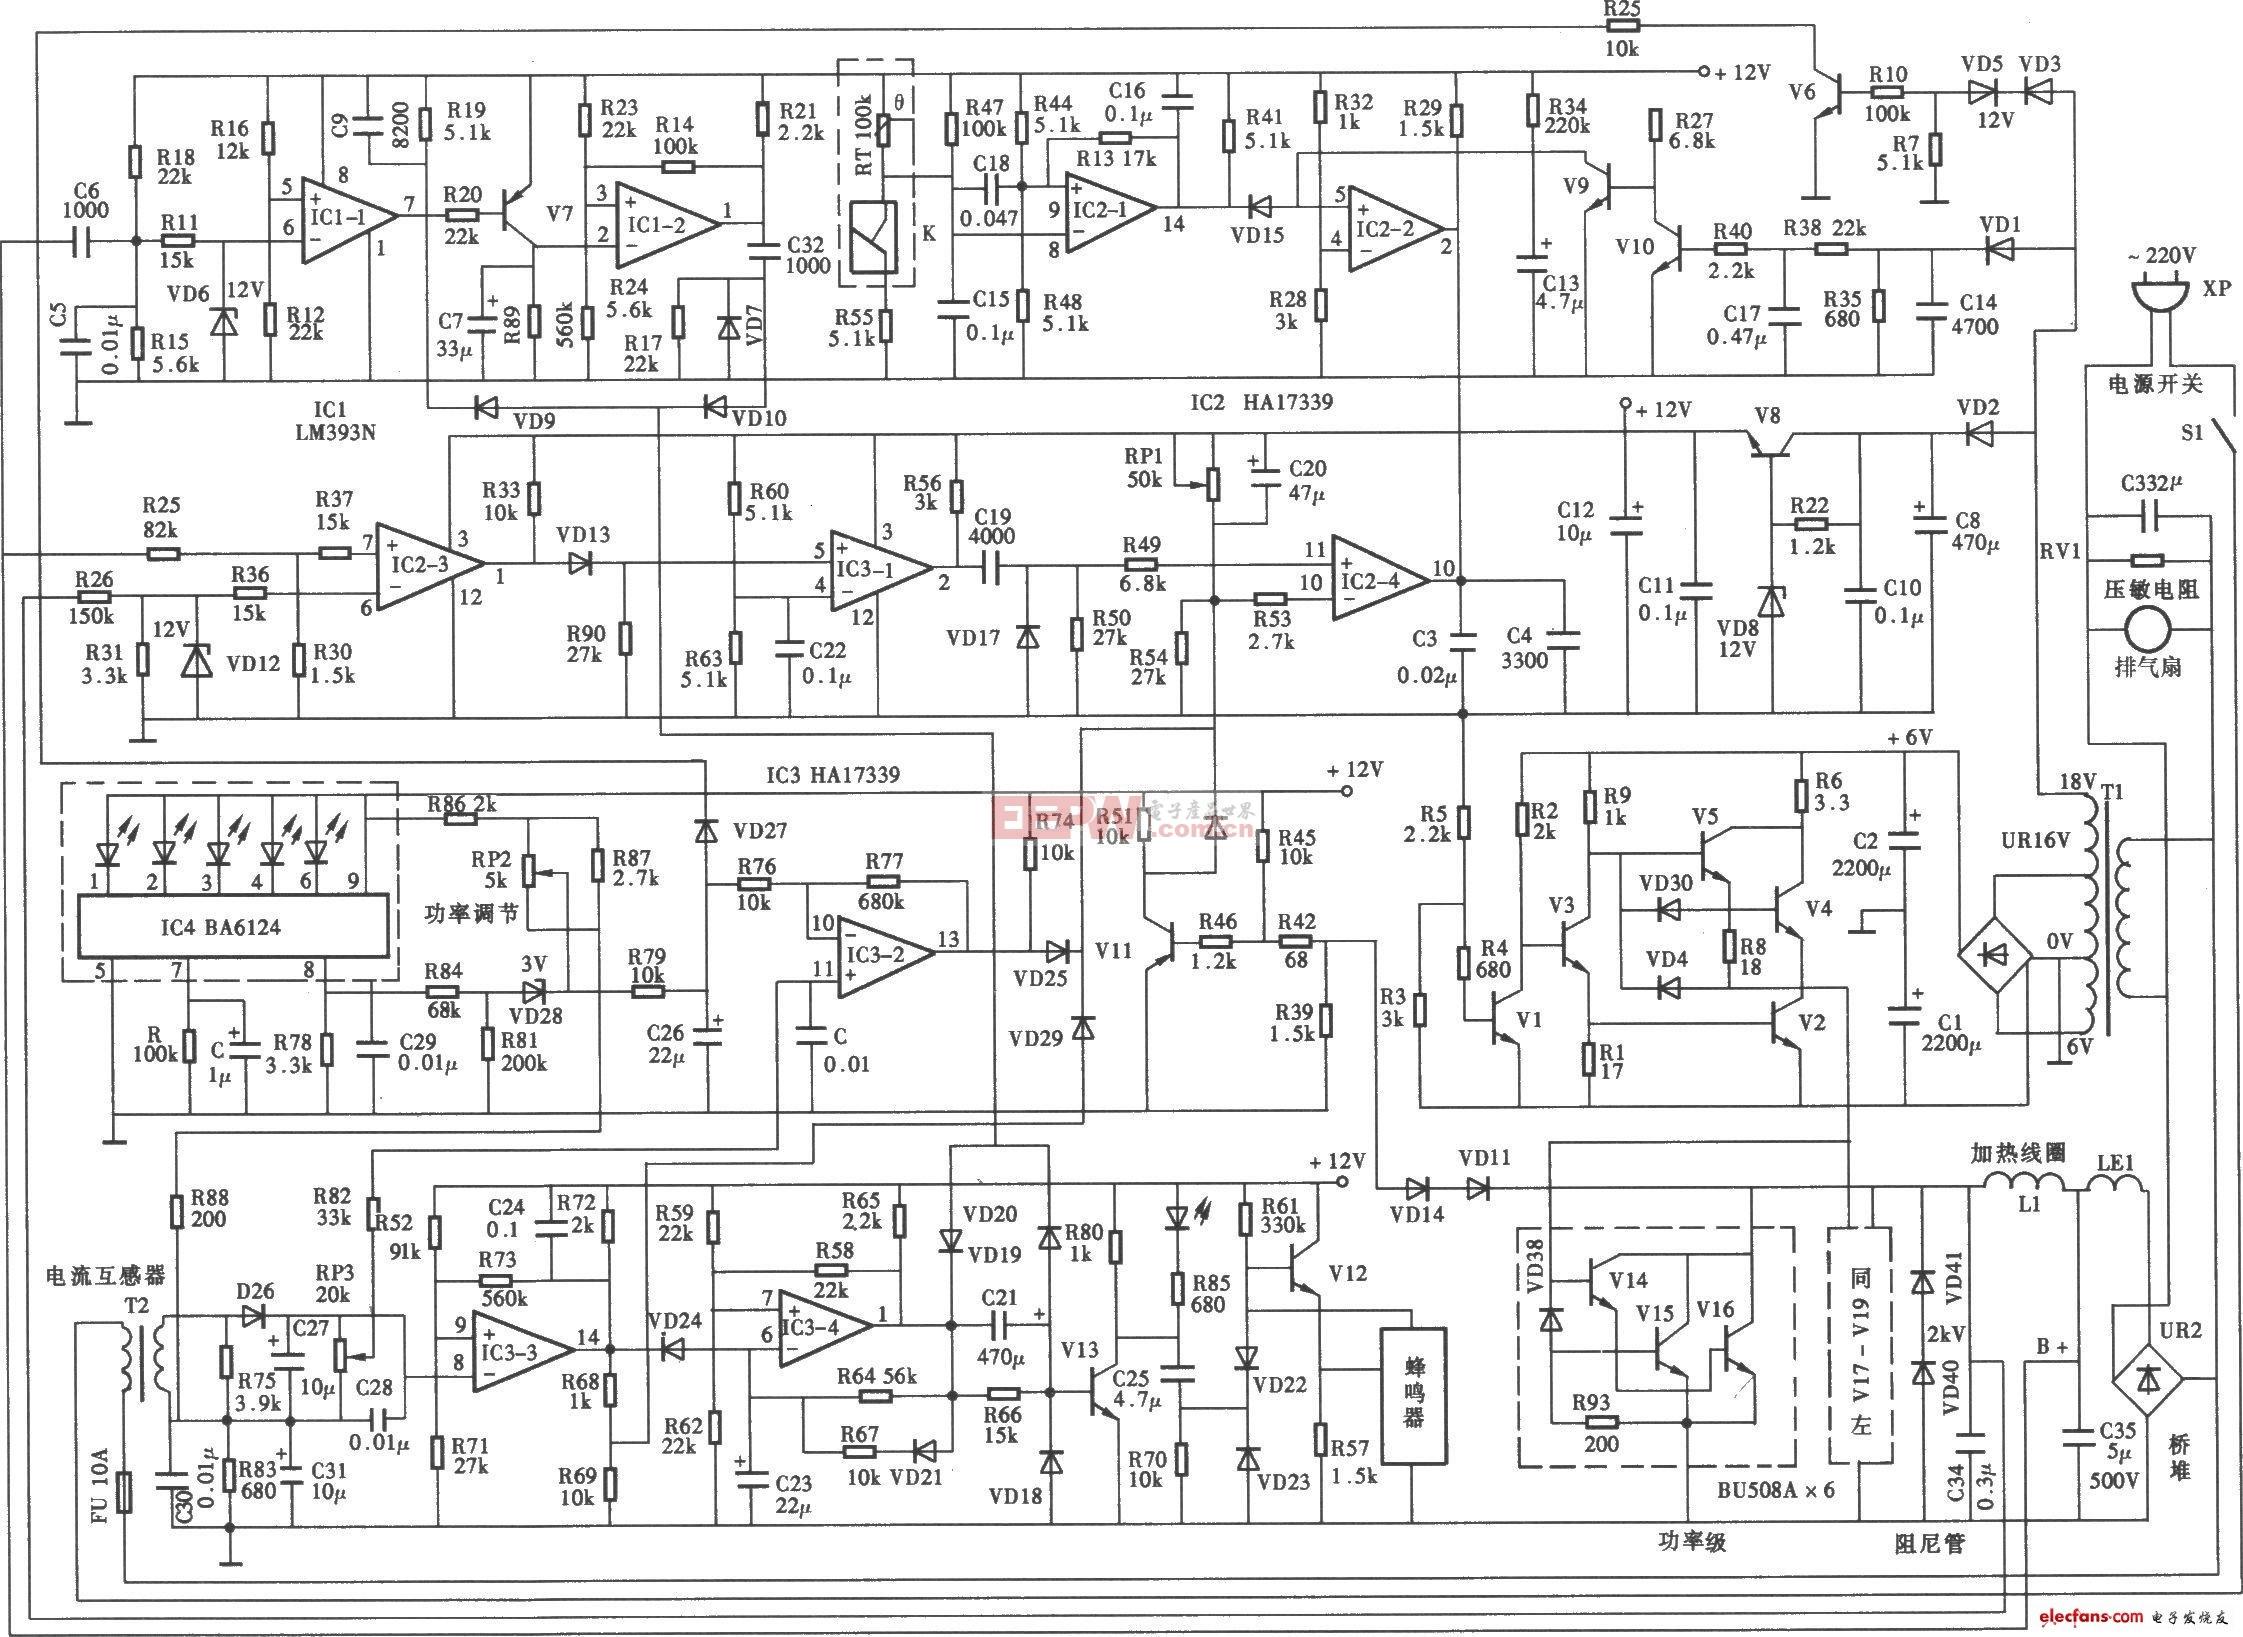 永华牌M0-88型电磁炉原理图